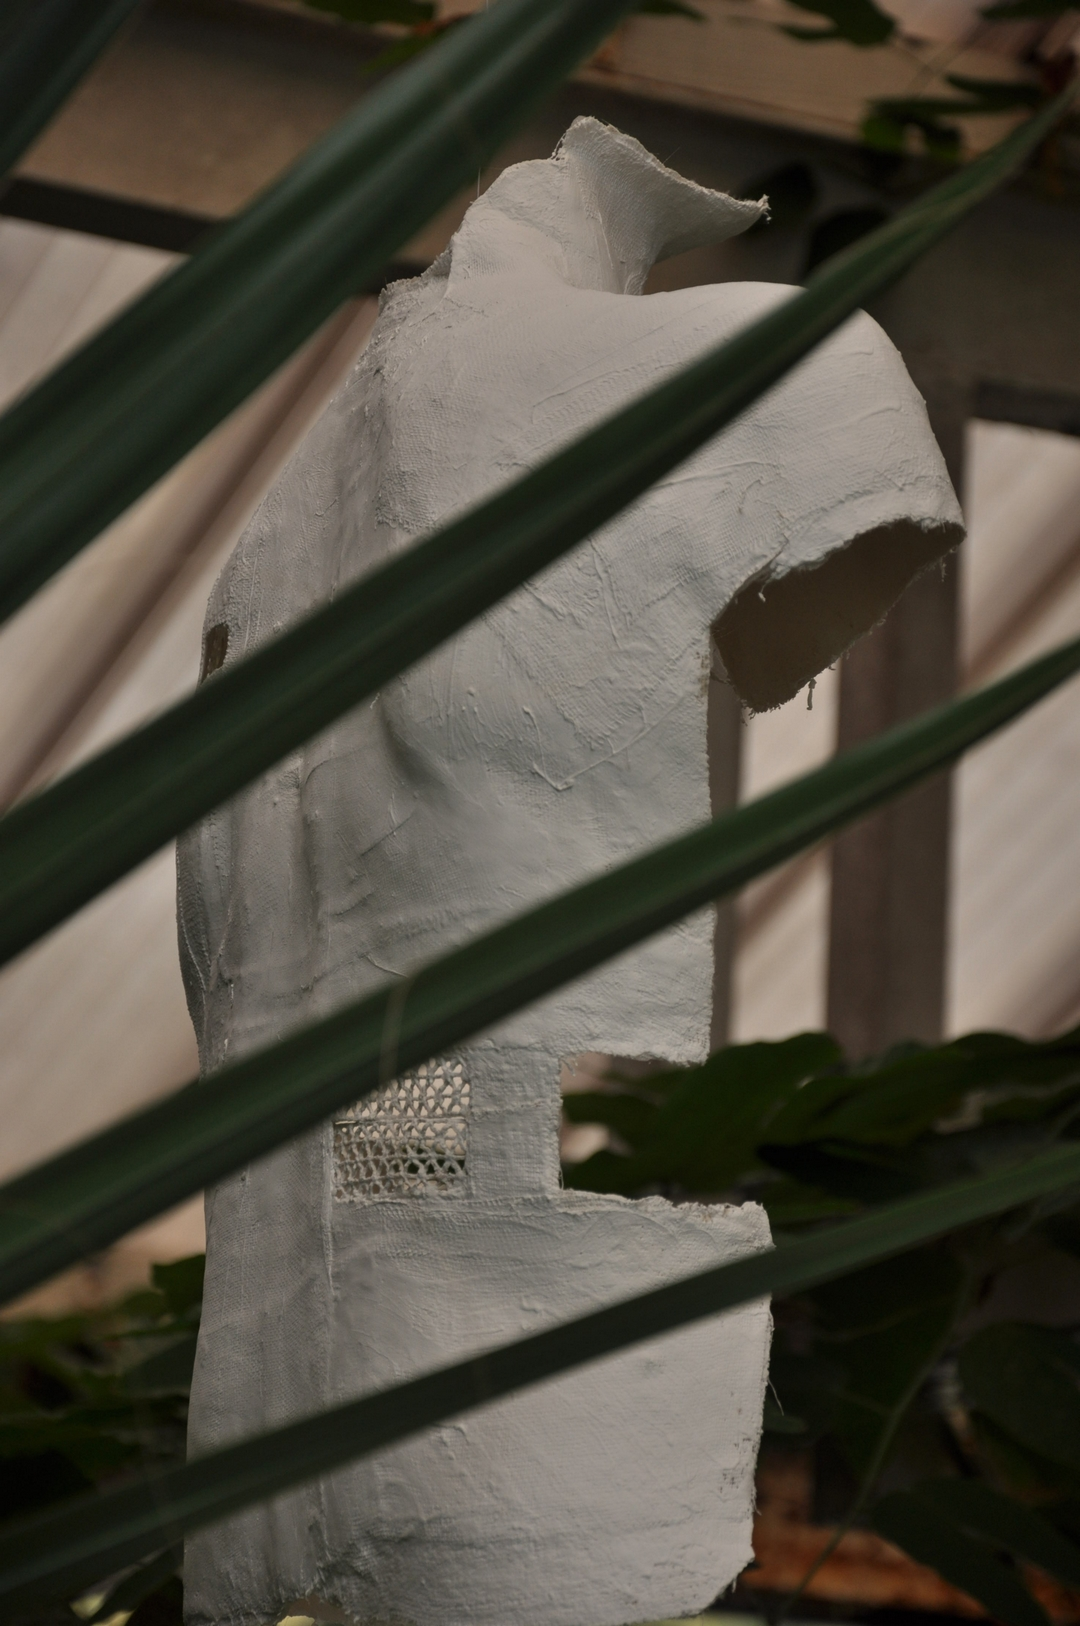 MUES / PARC FLORAL DE PARIS / 2012